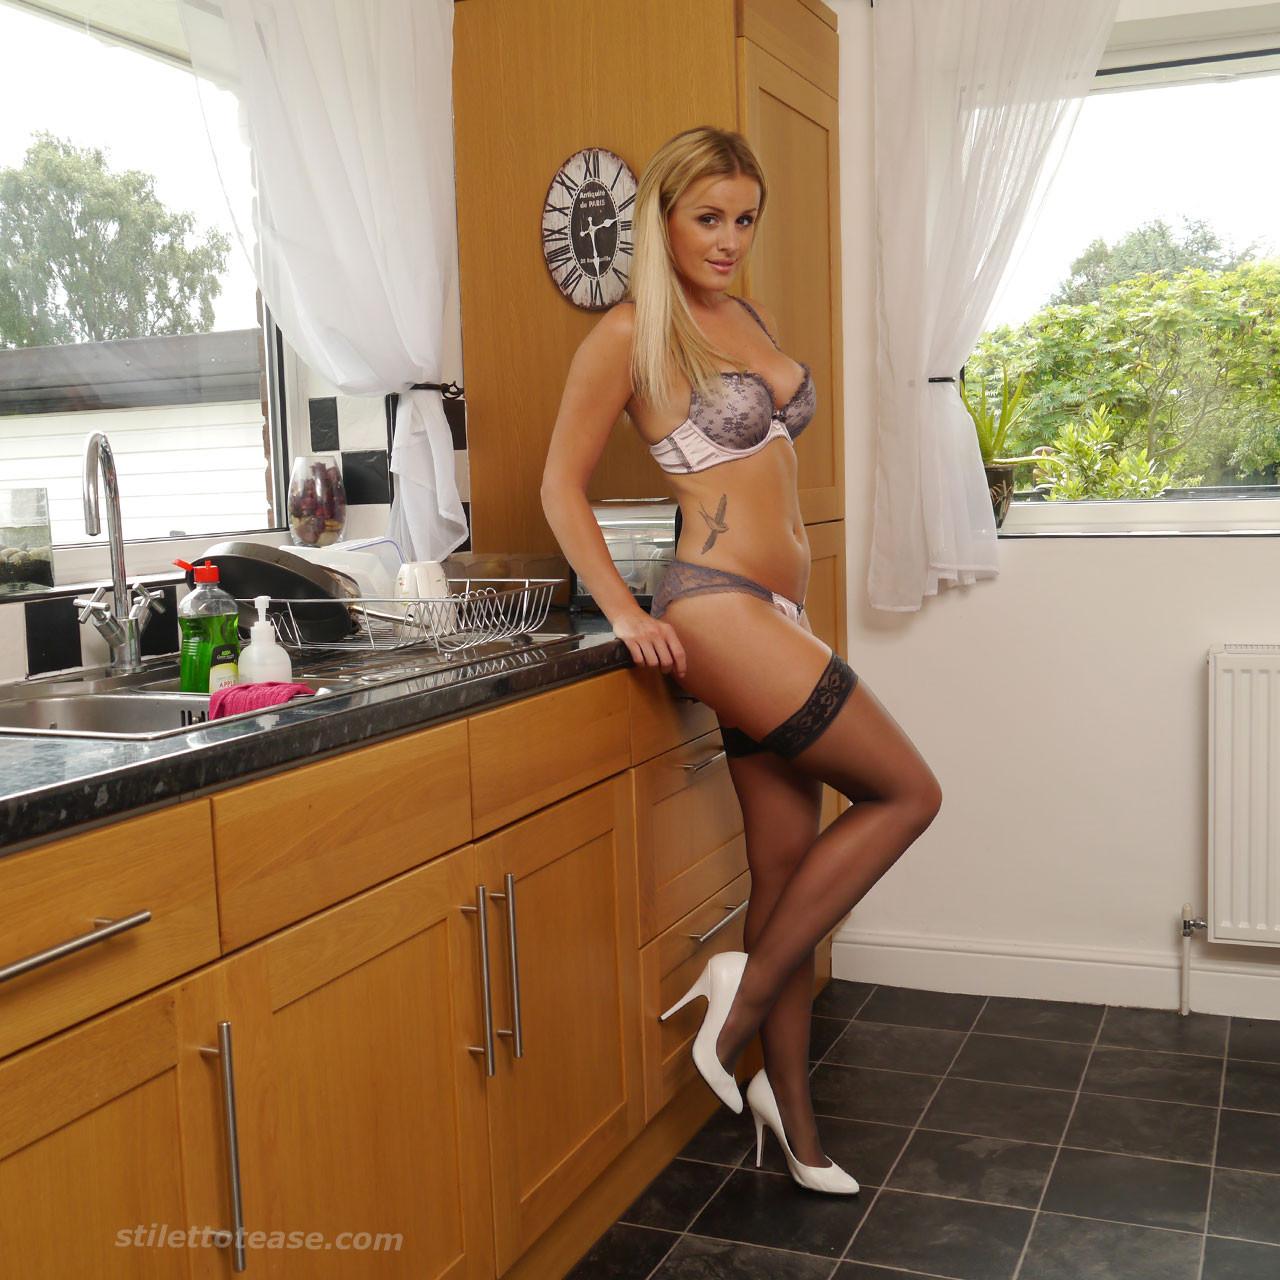 На кухне - Галерея № 3423448